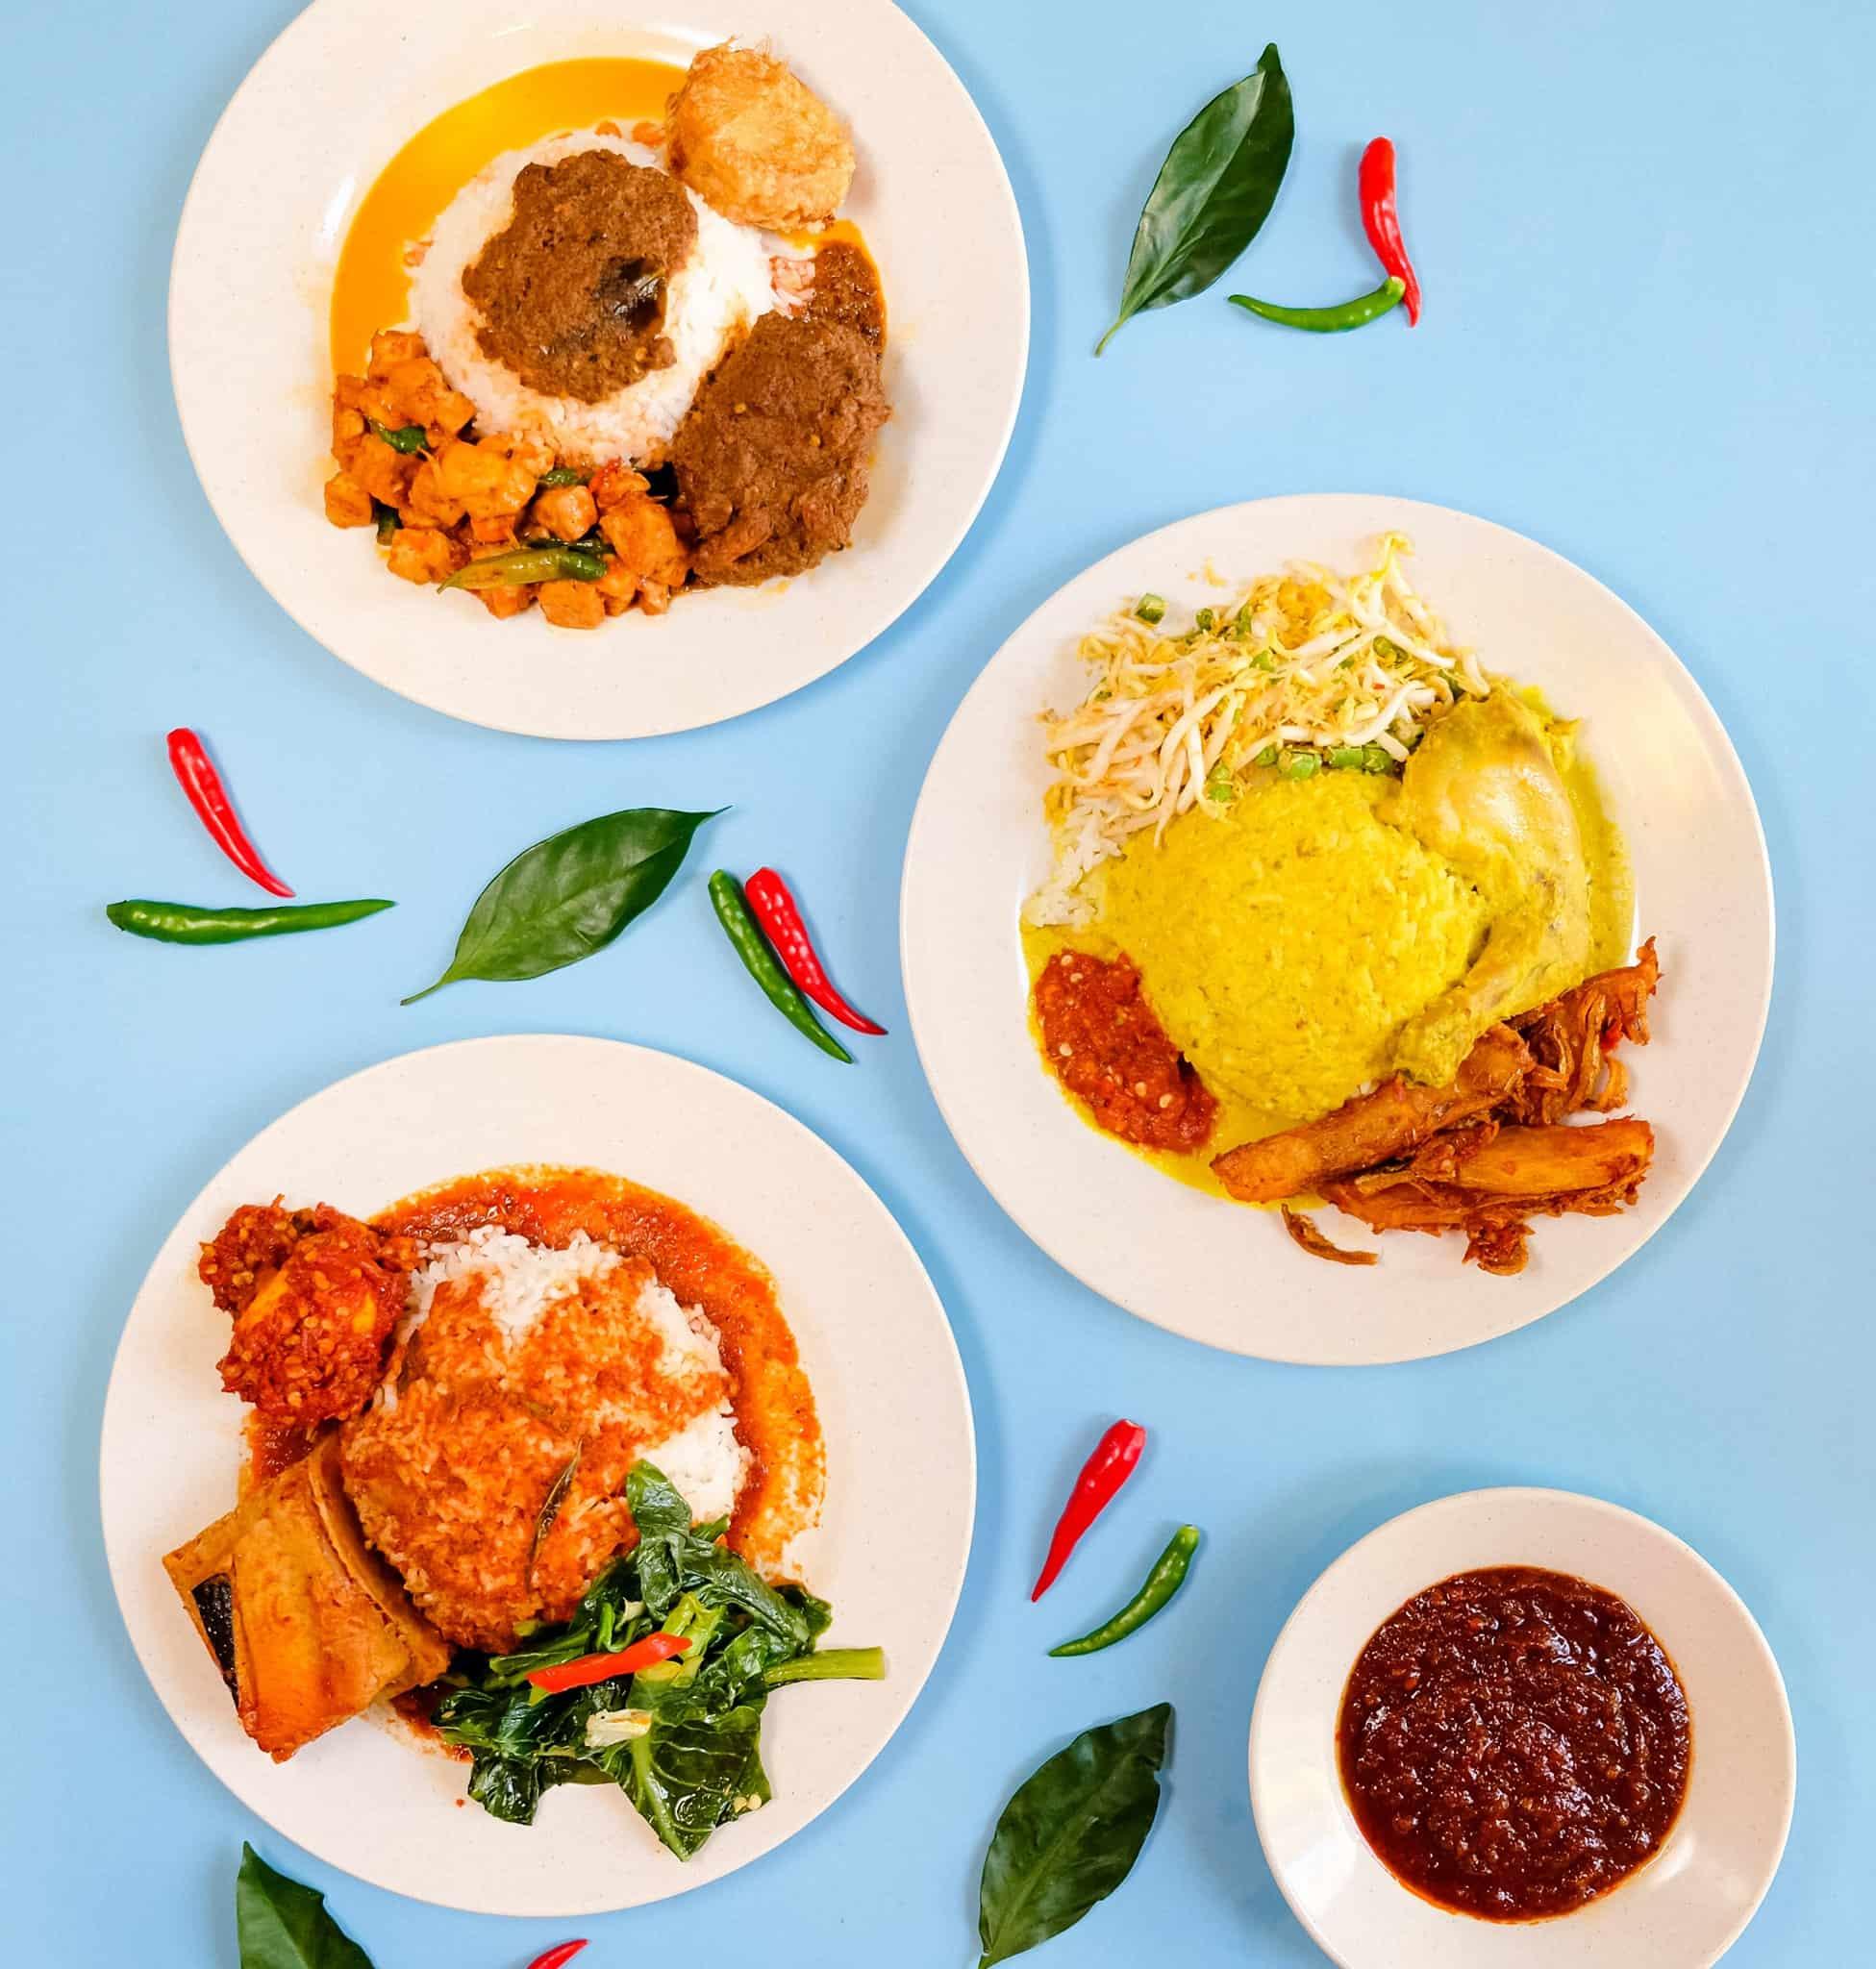 Hjh Maimunah Restaurant CBD